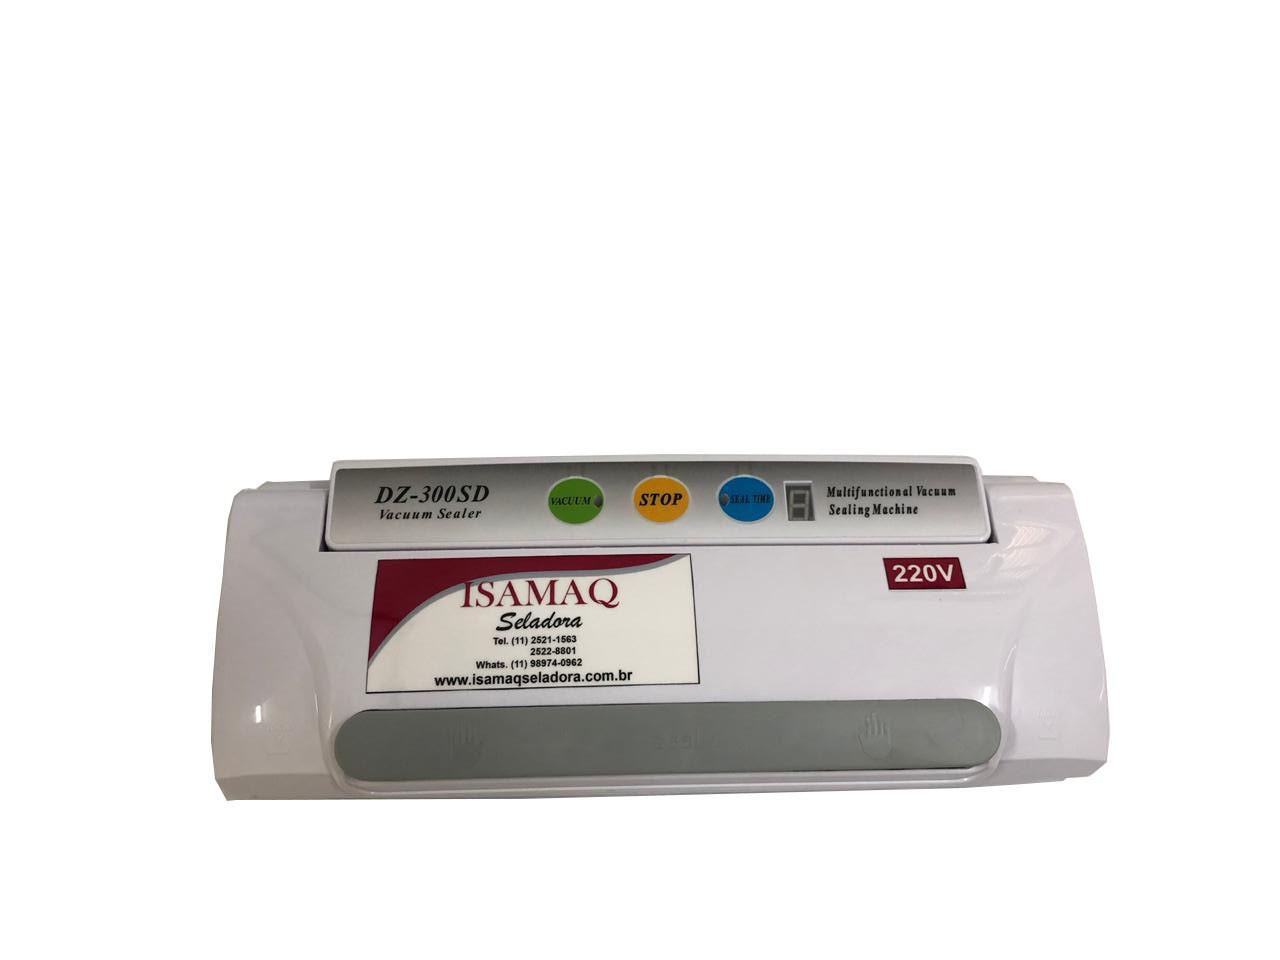 Embaladora a vácuo Portátil DZ 300 SD Isamaq